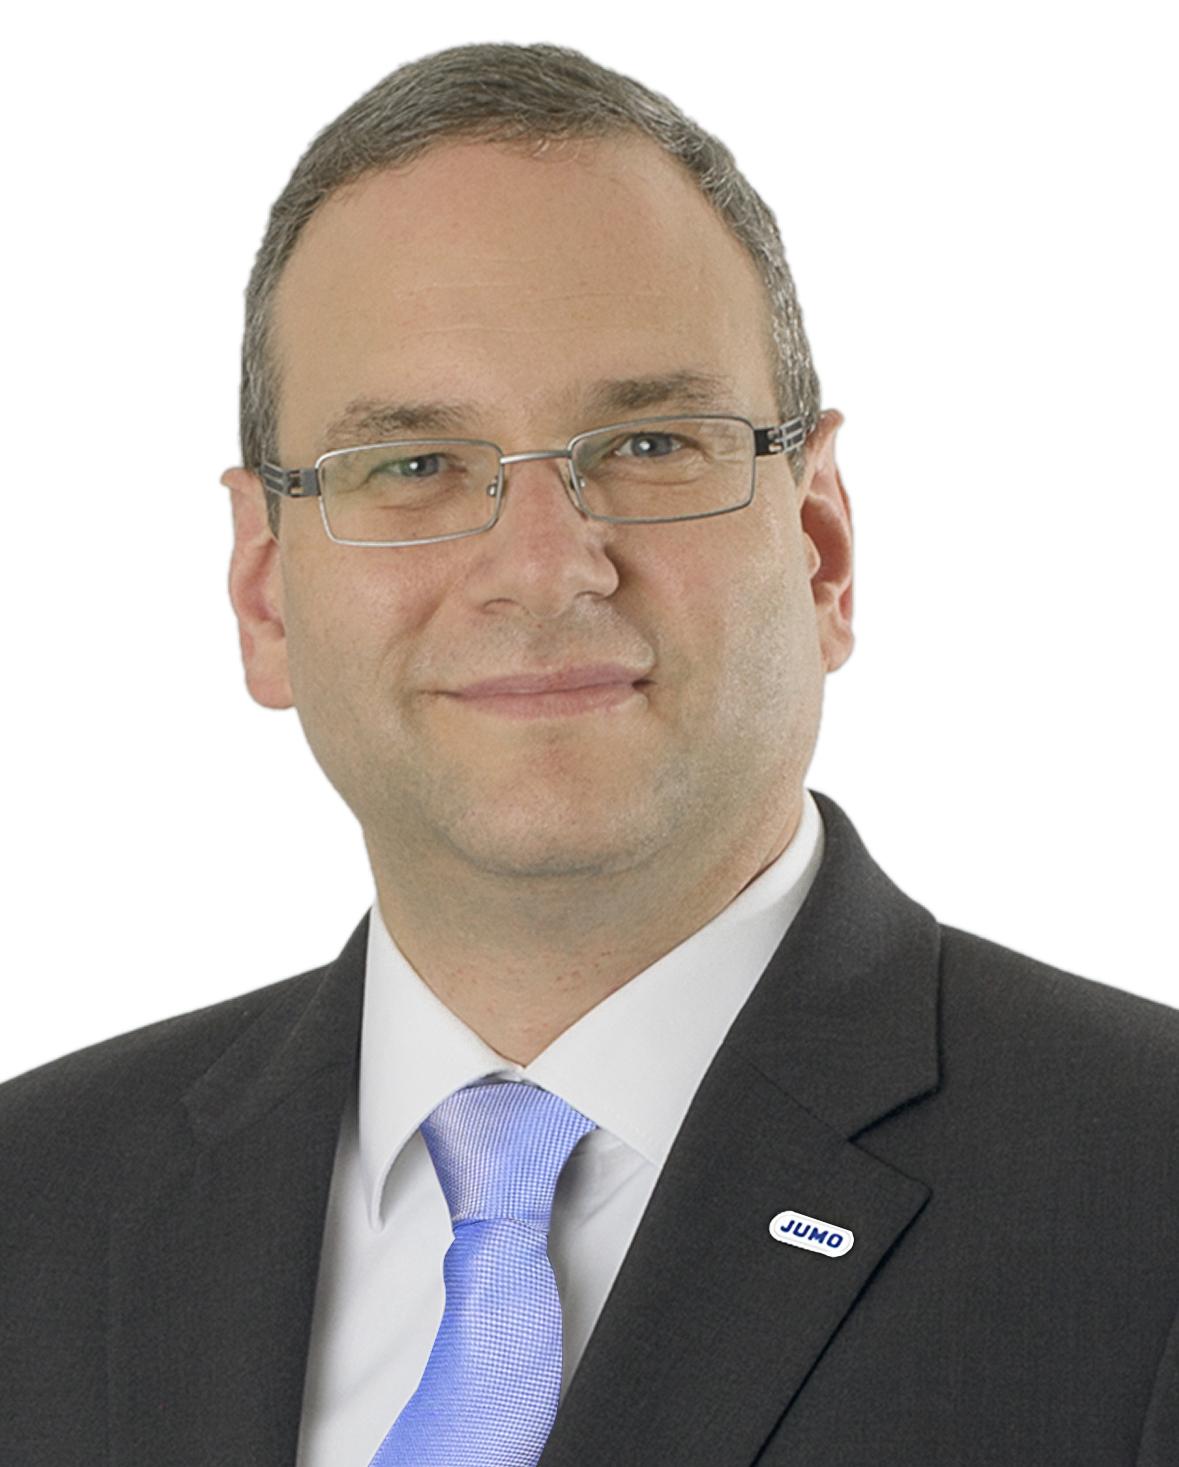 Michael Brosig ist Pressesprecher von Jumo